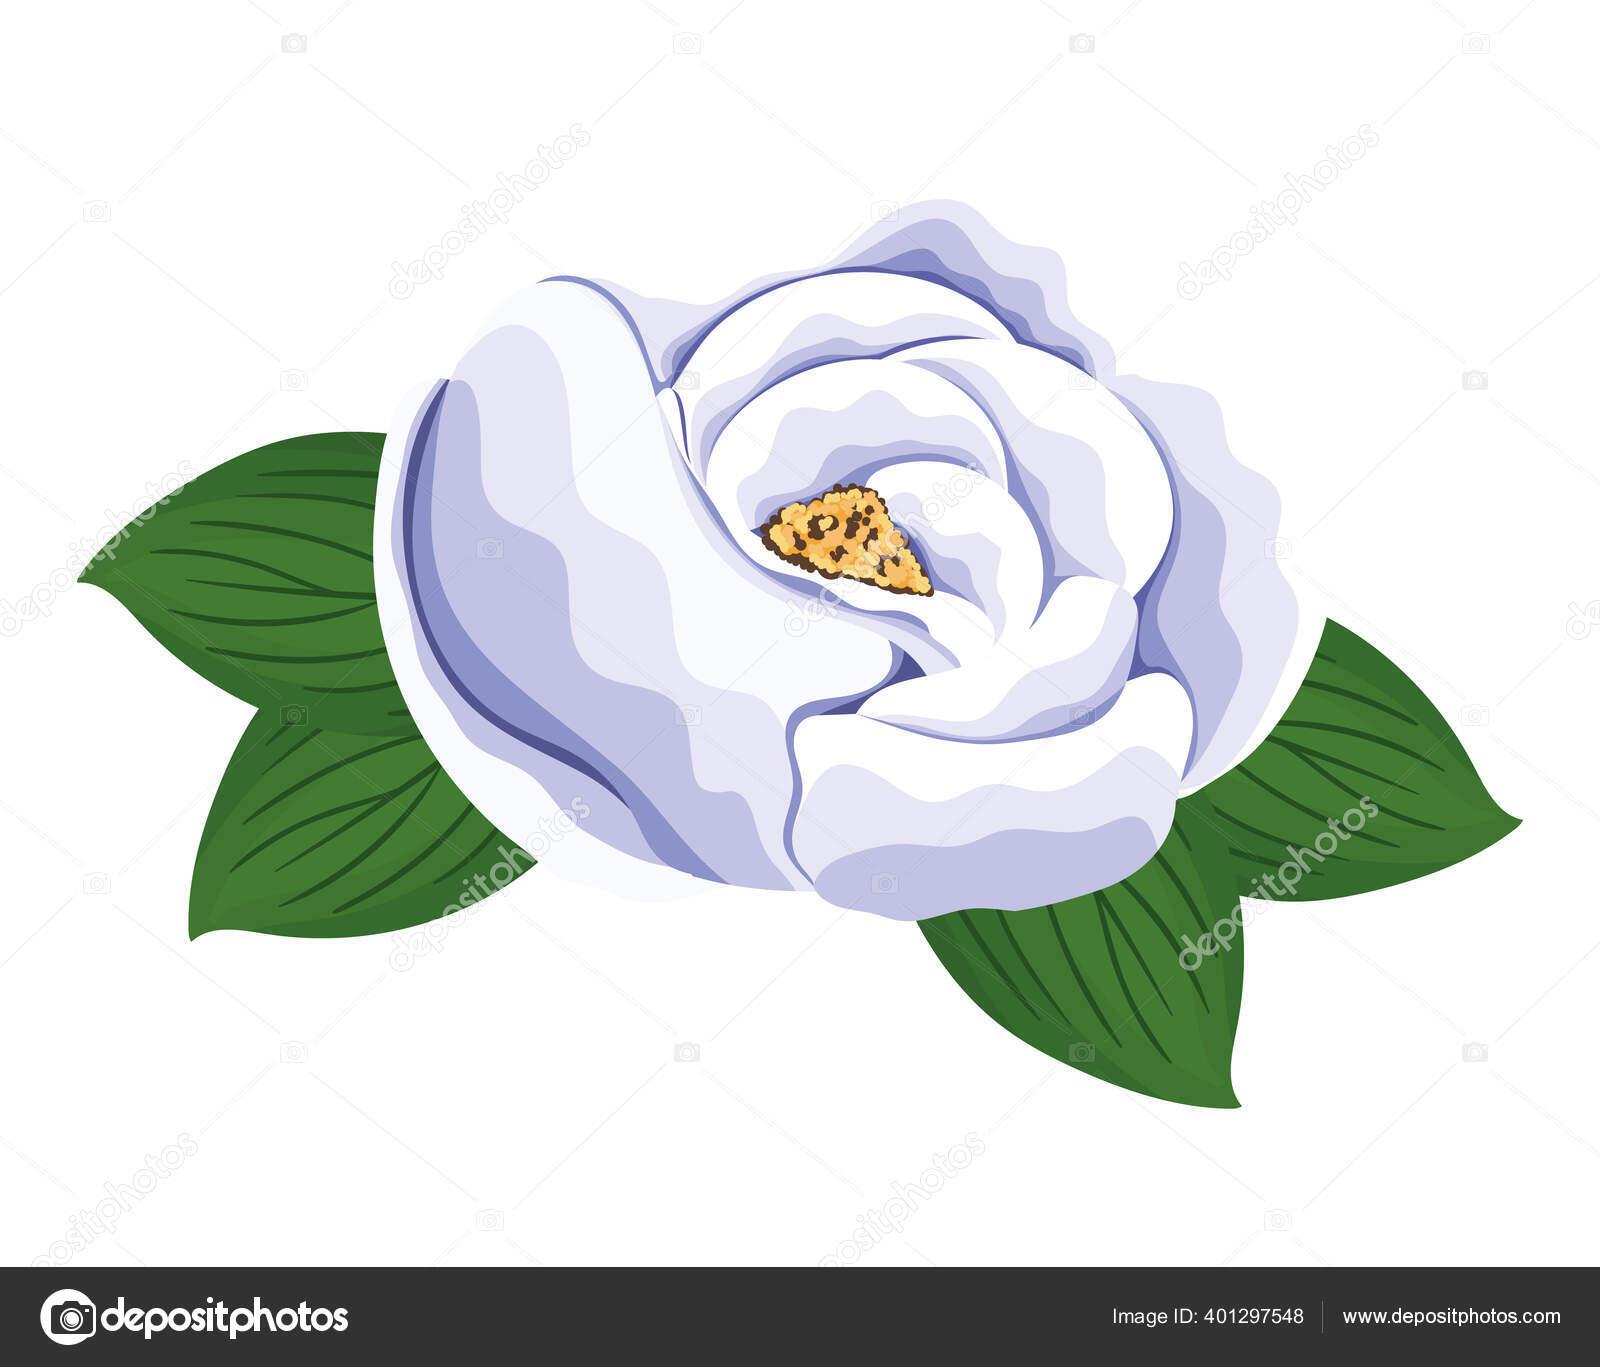 Bunga Mawar Putih Dengan Daun Lukisan Desain Vektor Stok Vektor C Grgroupstock 401297548